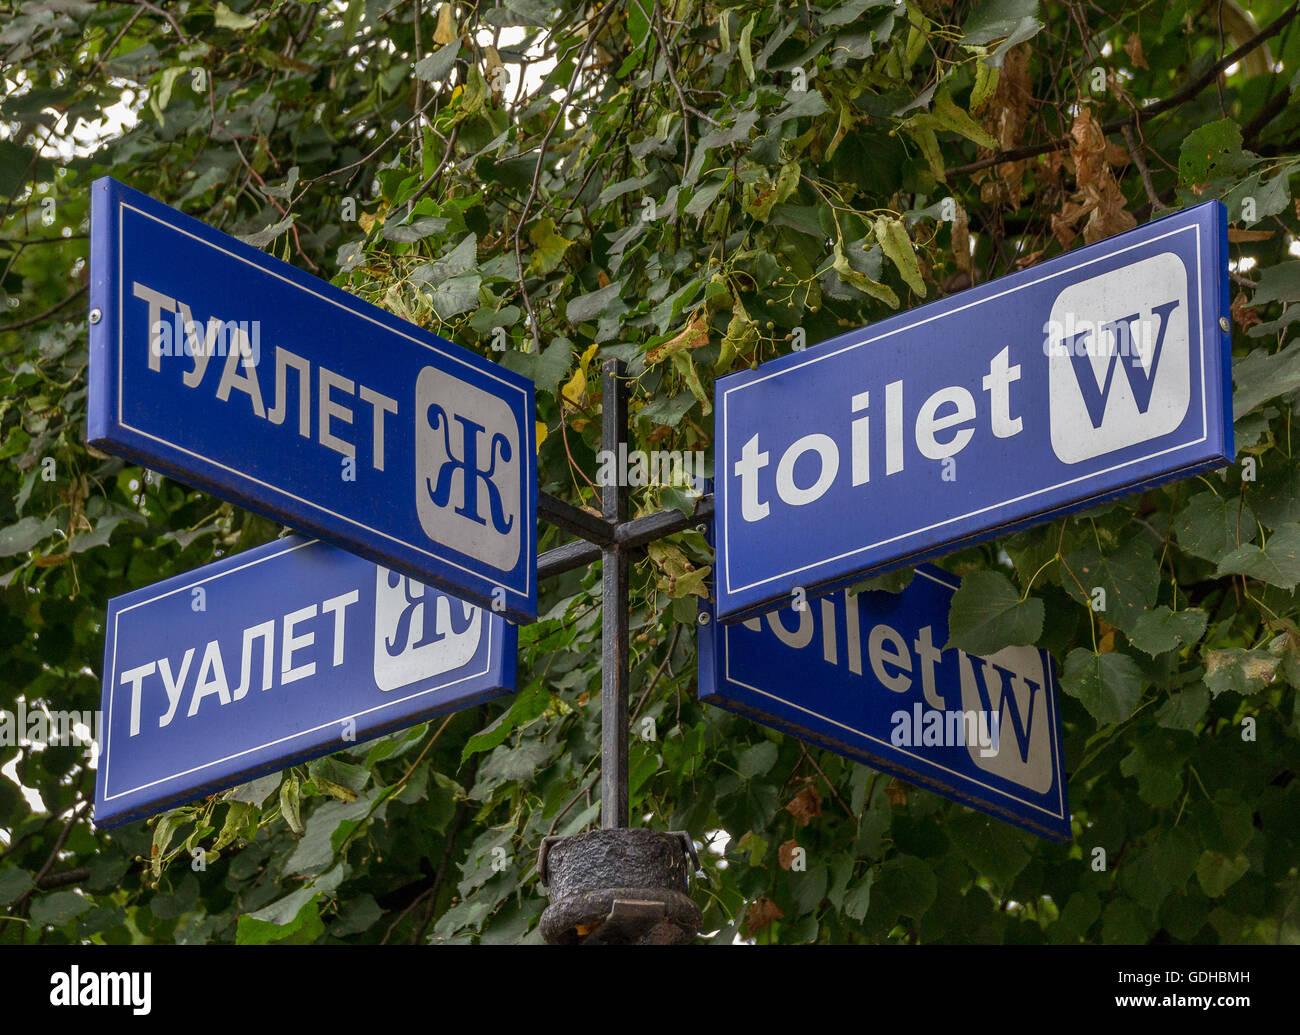 Blaues Schild In Russisch Und Englisch Für Frauen Toilette Stockfoto